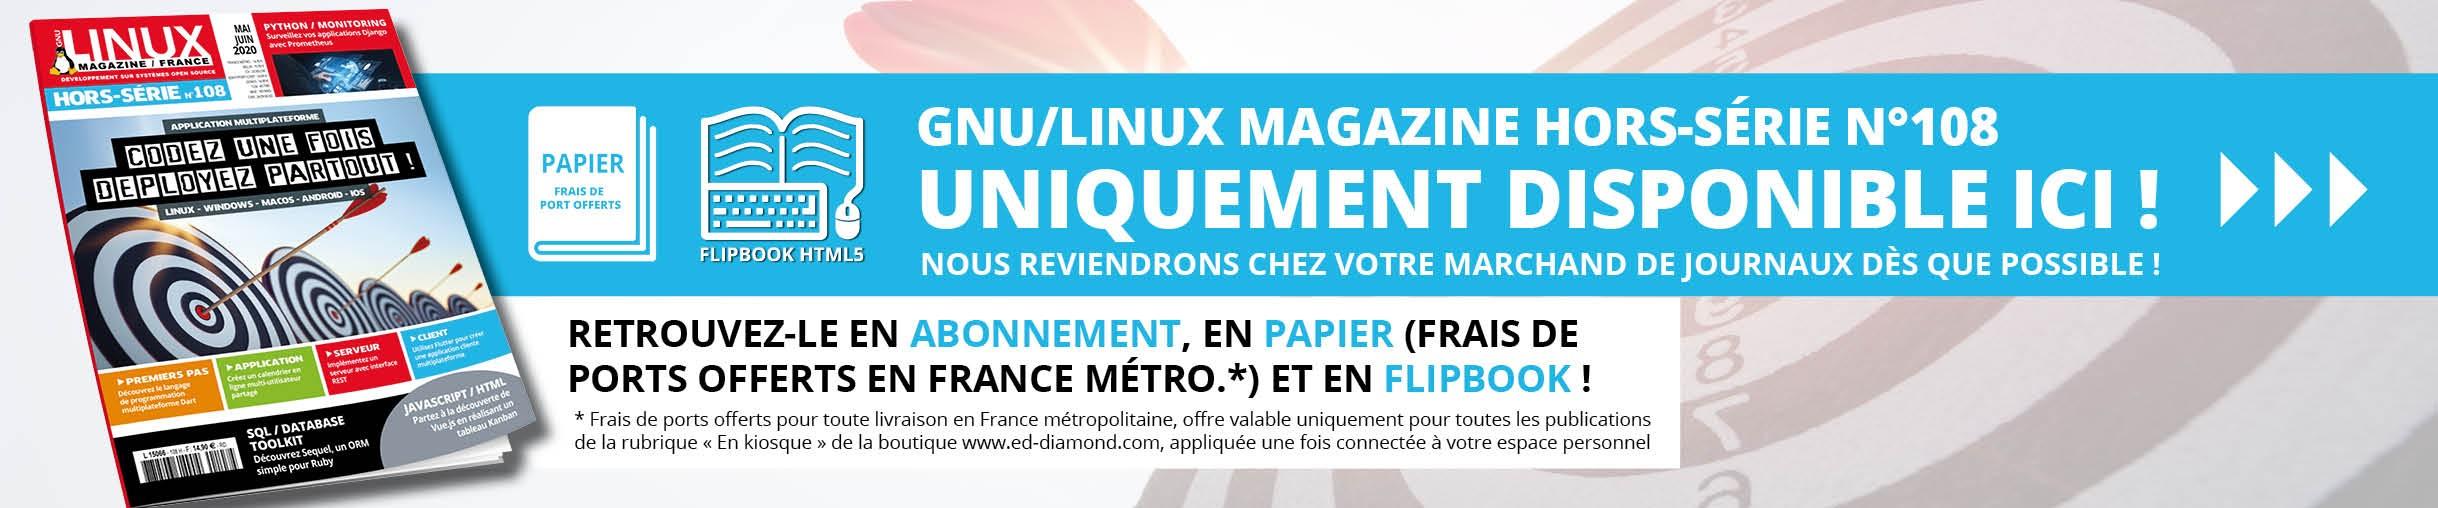 GNU/Linux Magazine Hors-Série n°108